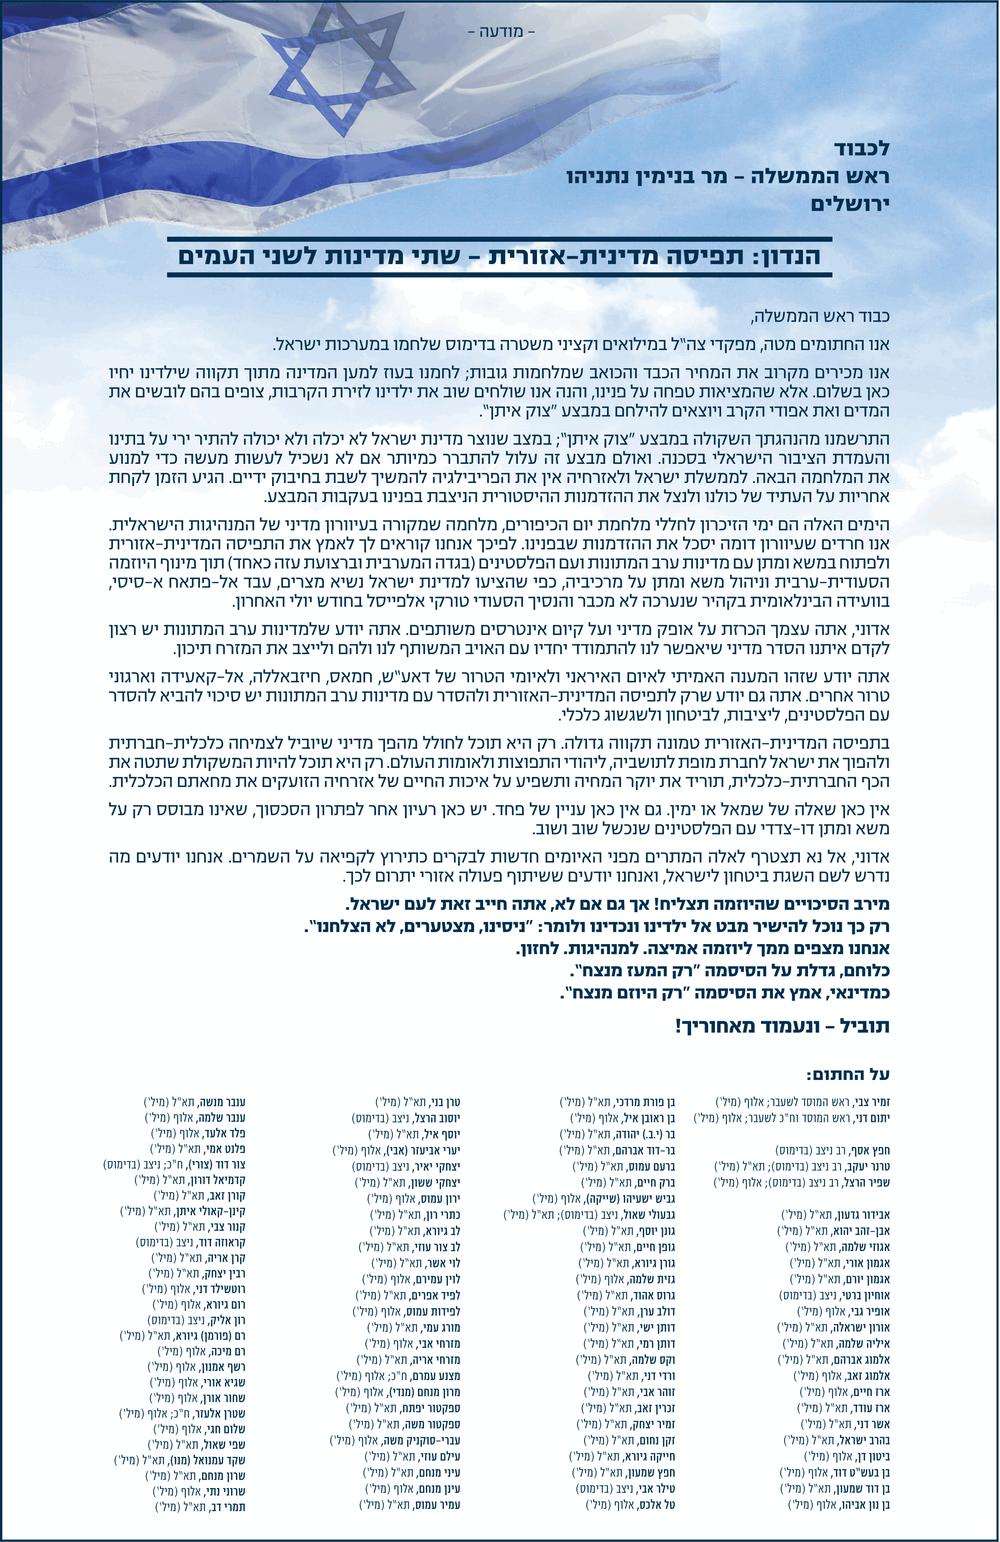 מכתב לראש הממשלה